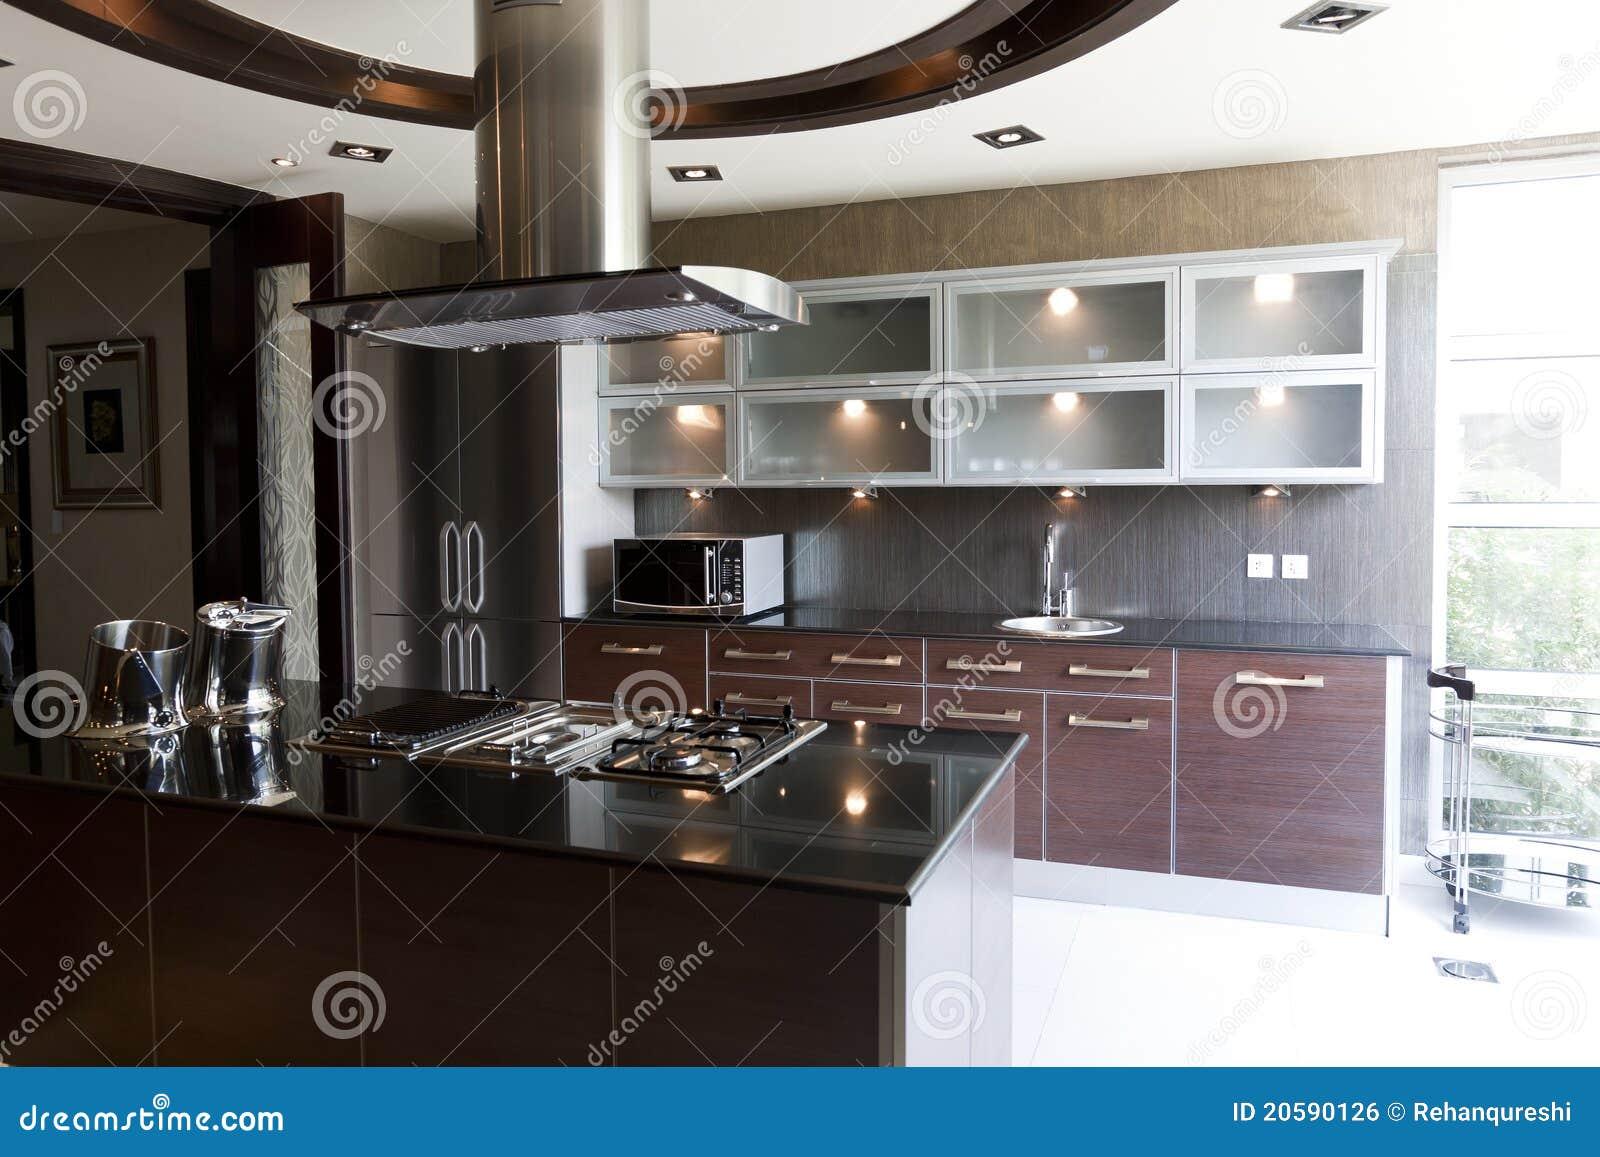 Cuisine moderne dans un appartement image libre de droits for Cuisine moderne appartement